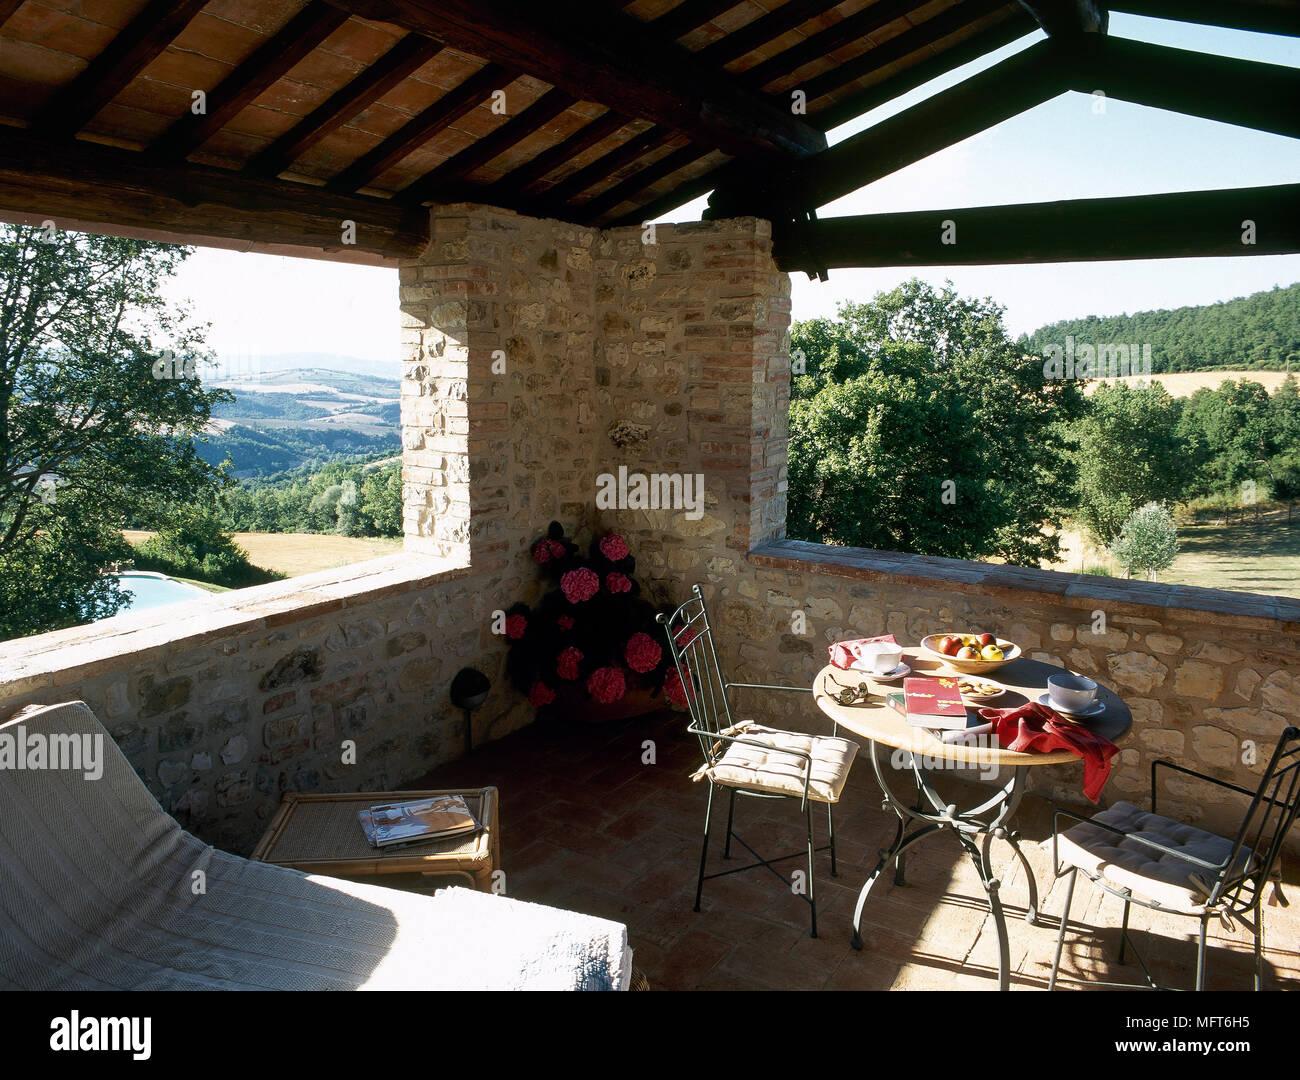 rustikal, stein, balkon mit satteldach, einer sitzecke und einem